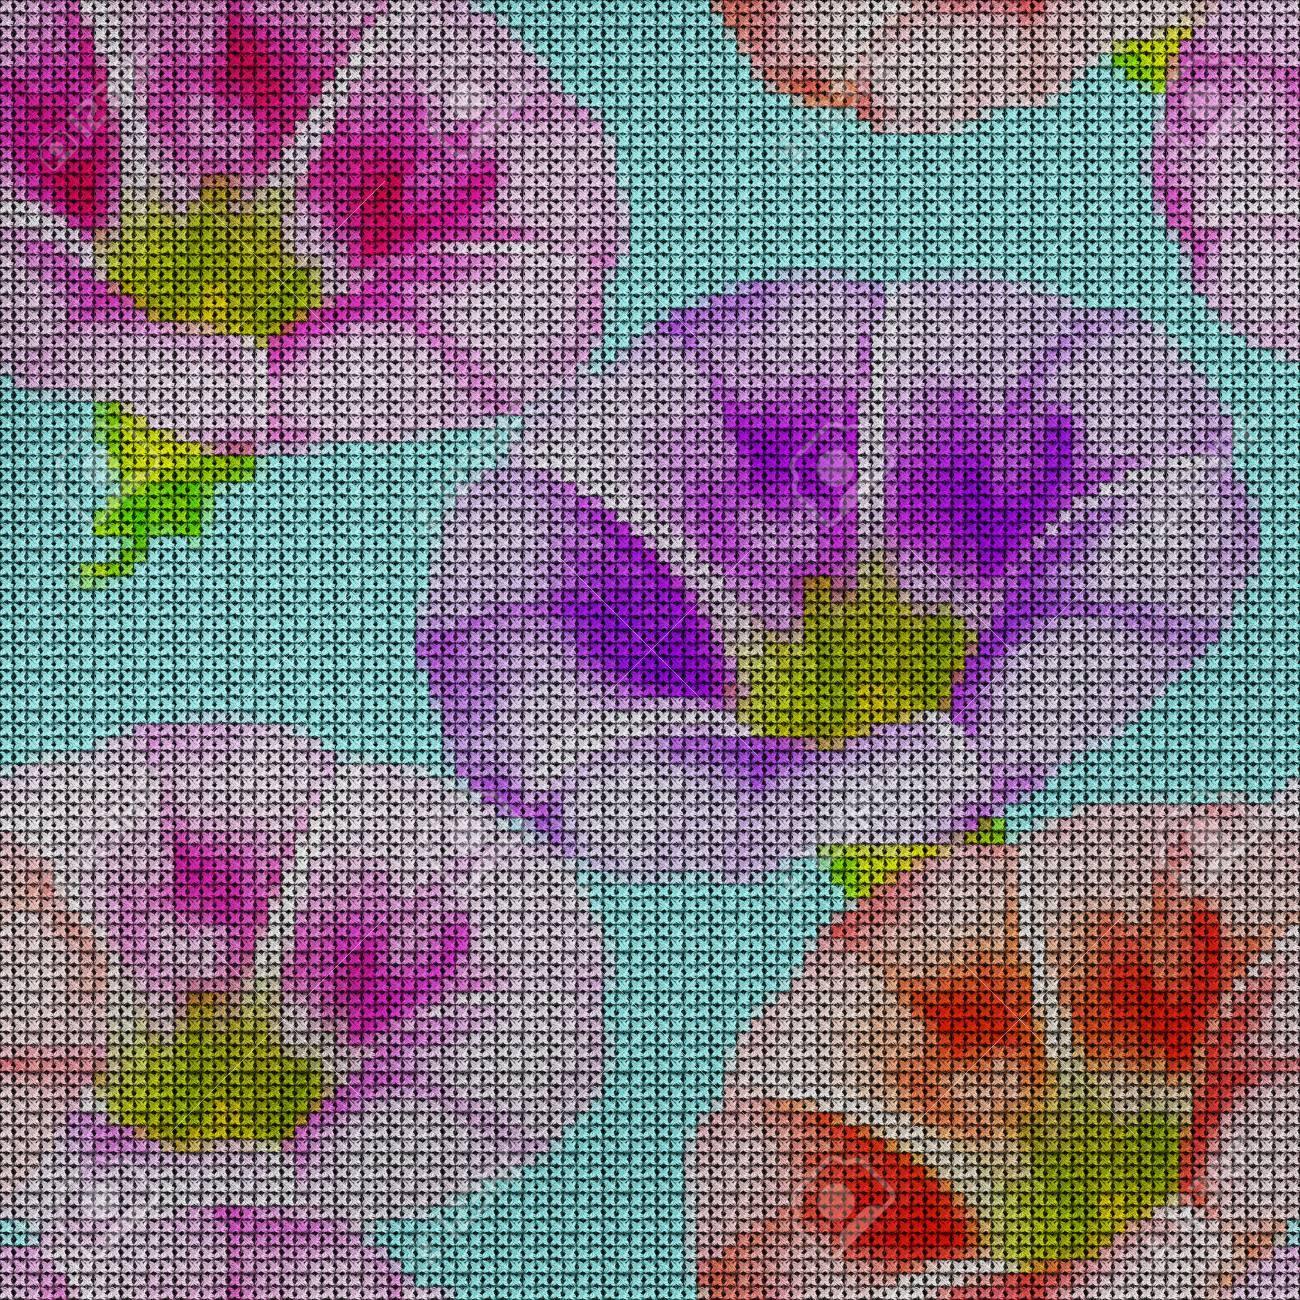 Ilustración Punto De Cruz Correhuela Más Grande Textura De Flores Patrón Sin Fisuras Para La Replicación Continua Fondo Floral Collage